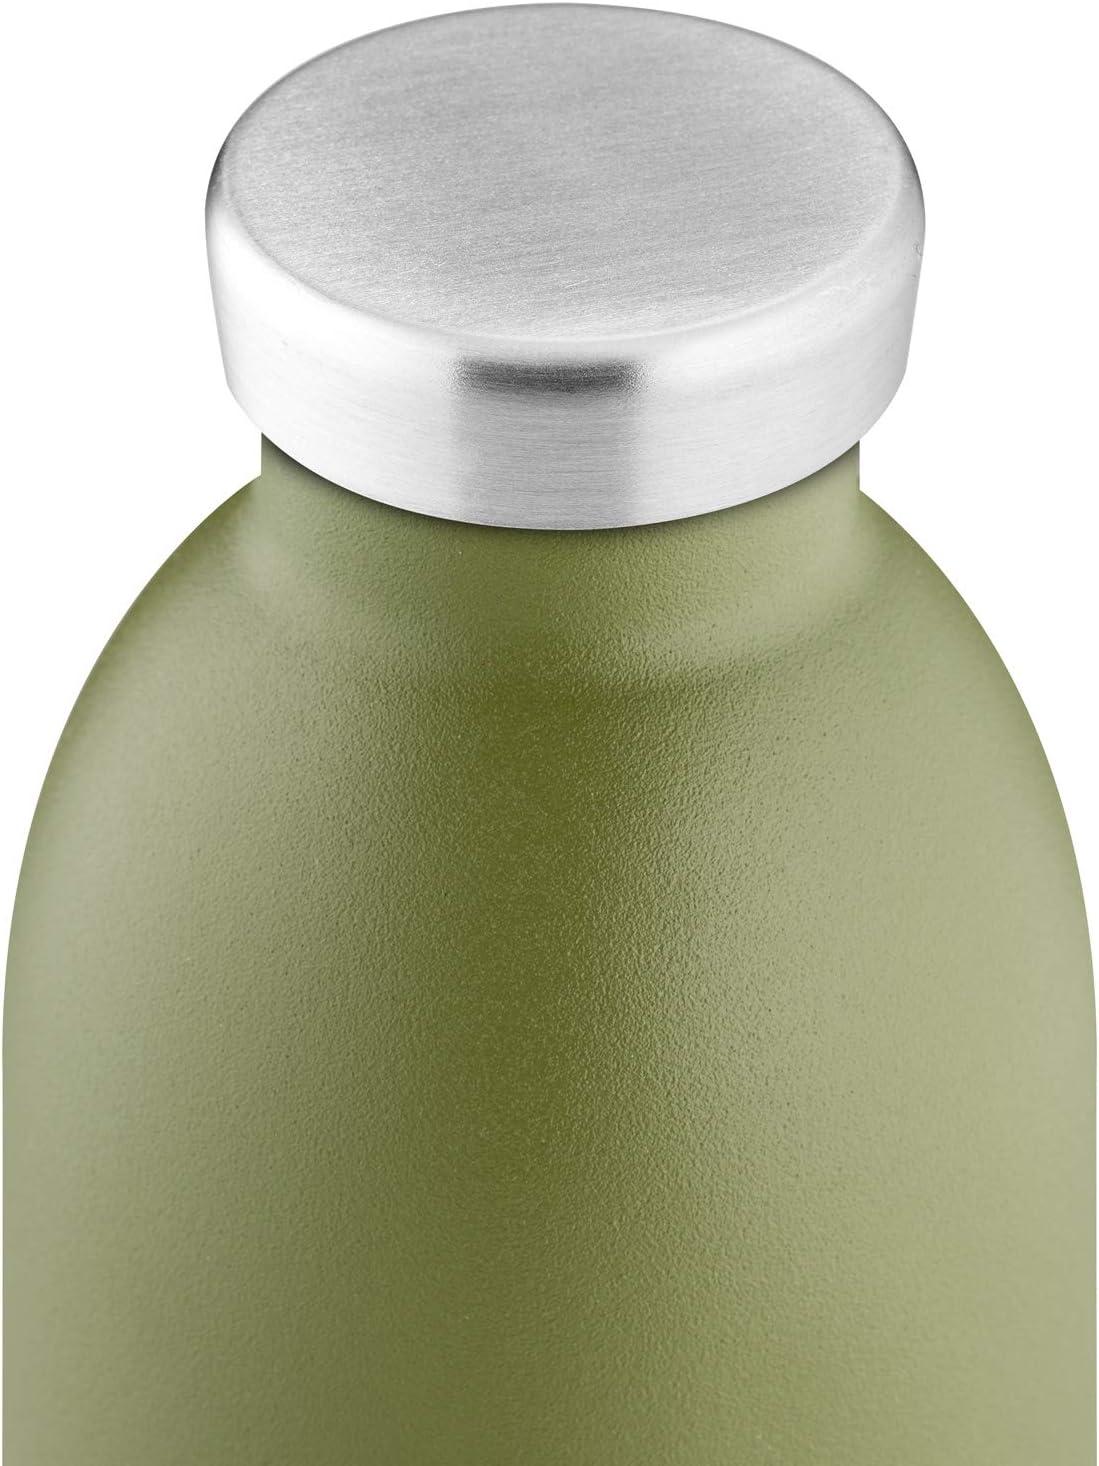 17 oz Verde/Salvia 17 oz 921834 24 Botellas Clima Botella de Acero Inoxidable aislada Reutilizable sin BPA Caliente fr/ío Moderno Doble Pared Thermoses Viaje Oficina Botella de Agua